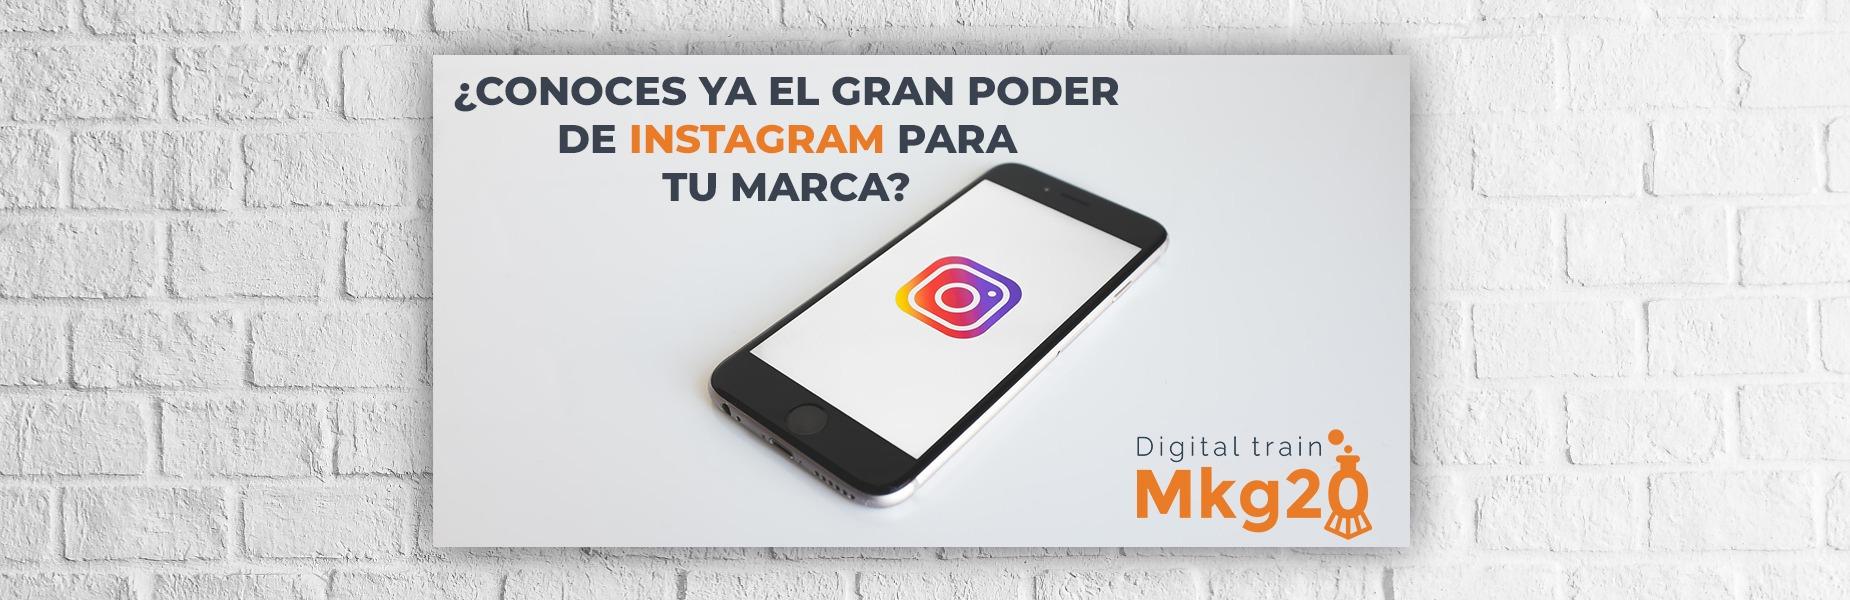 ¿Conoces ya el gran poder de Instagram para tu marca?